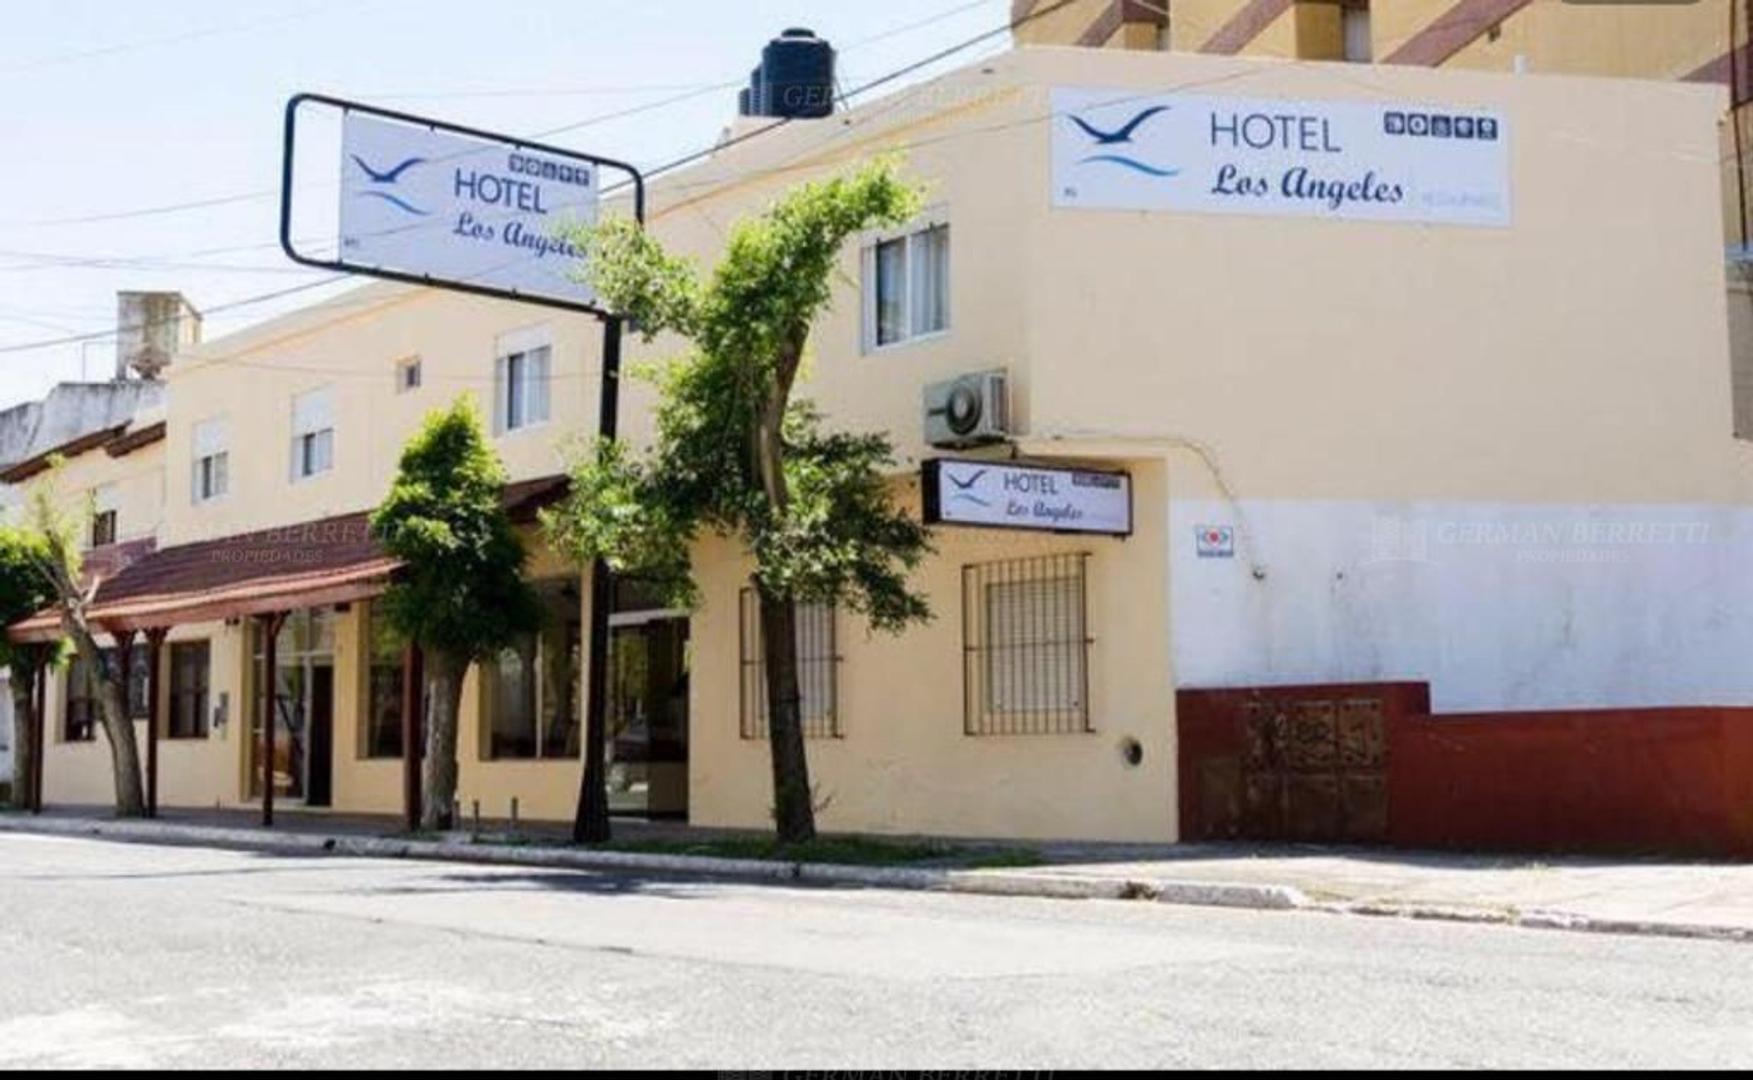 Negocio Especial en Alquiler en San Clemente Del Tuyu